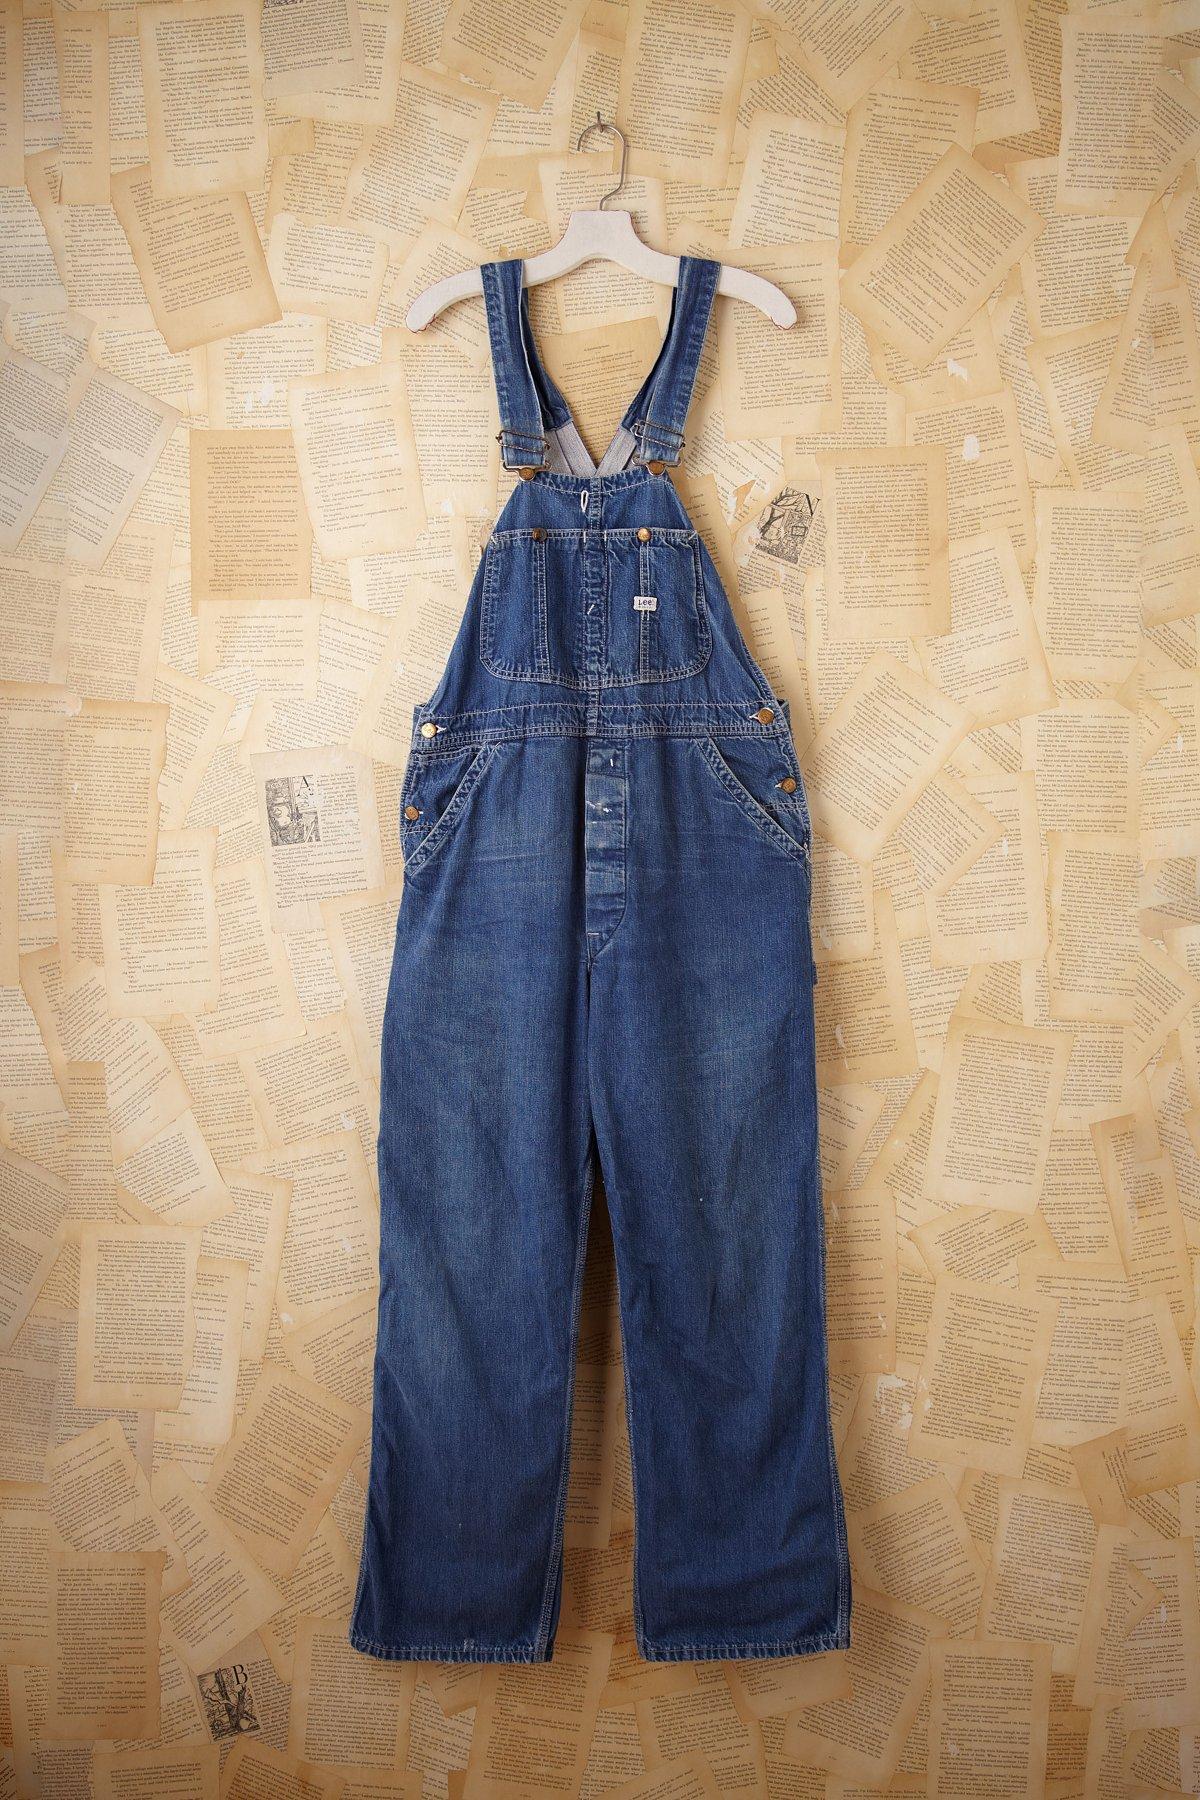 Vintage Lee Denim Overalls